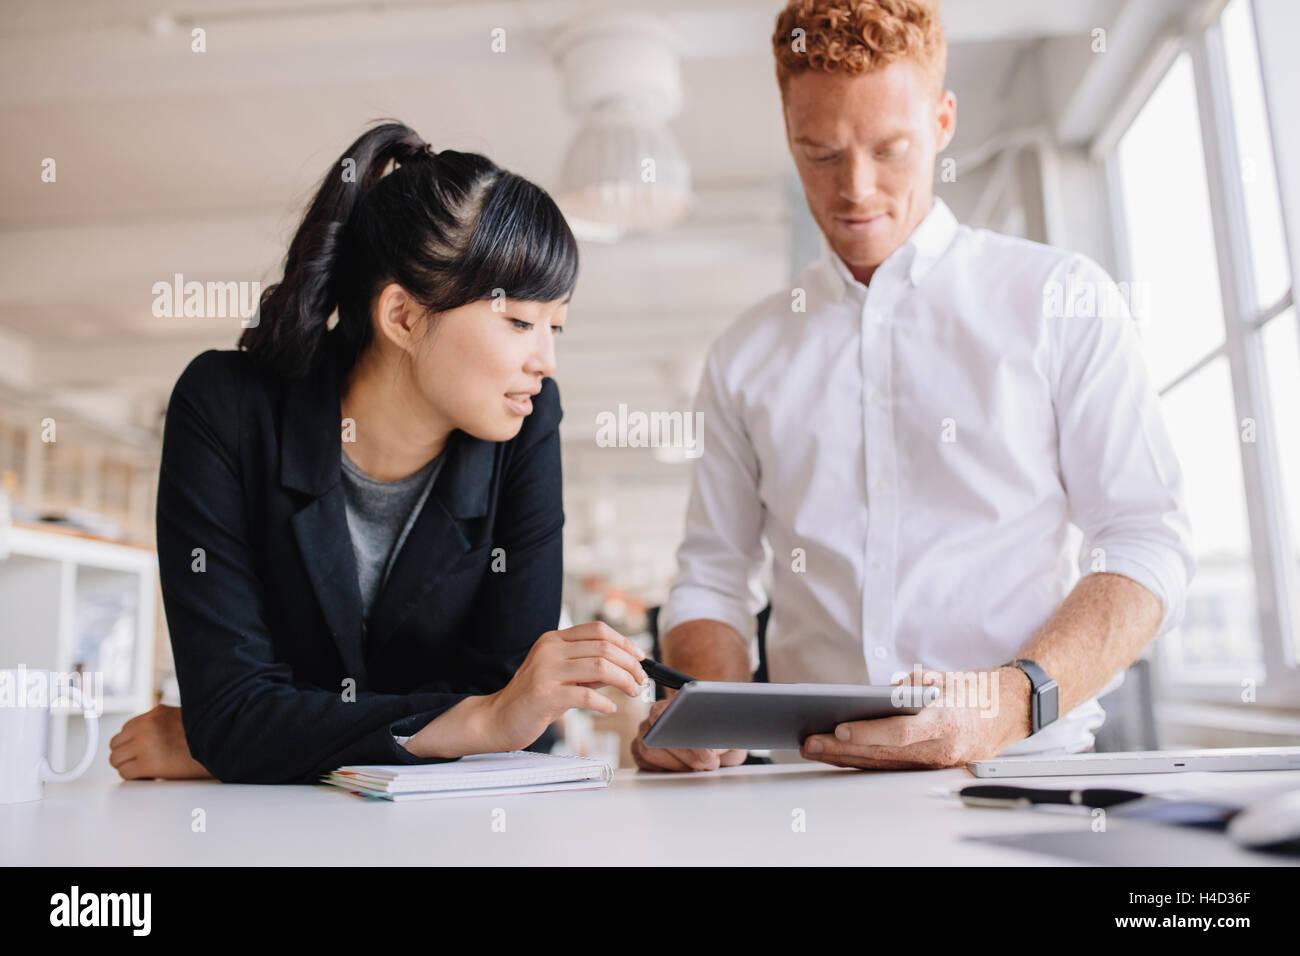 Geschäftsleute, die gemeinsam an digital-Tablette in modernen Büro. Business-Mann und Frau stehen am Schreibtisch Stockbild